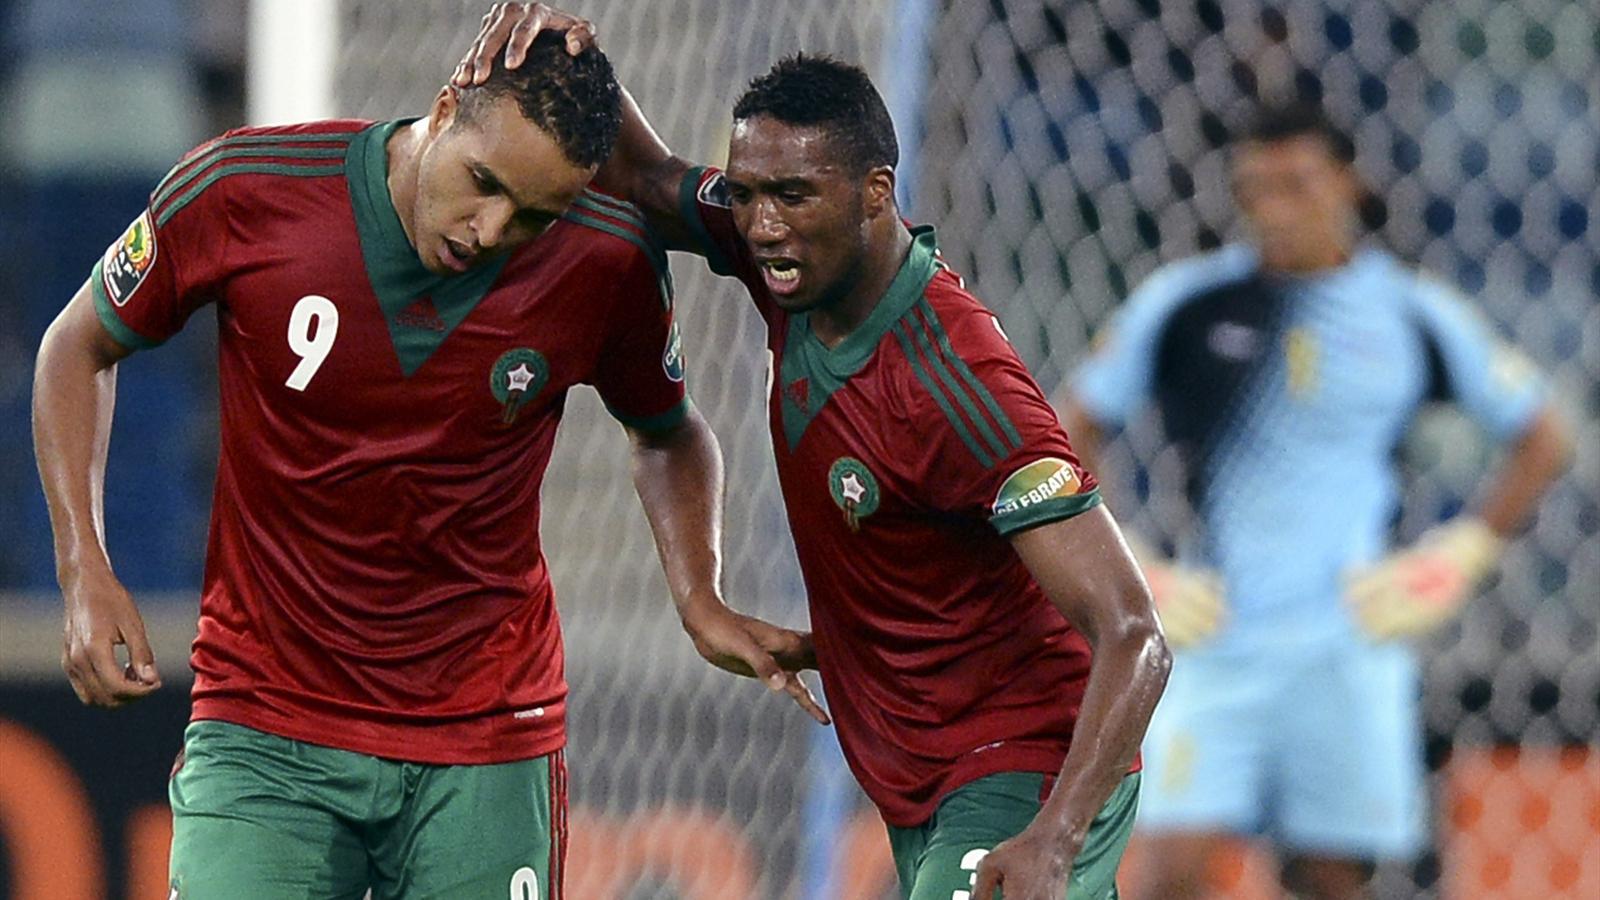 Can 2013 le maroc bute sur le cap vert 1 1 coupe d 39 afrique des nations 2013 football - Resultat foot coupe d afrique ...